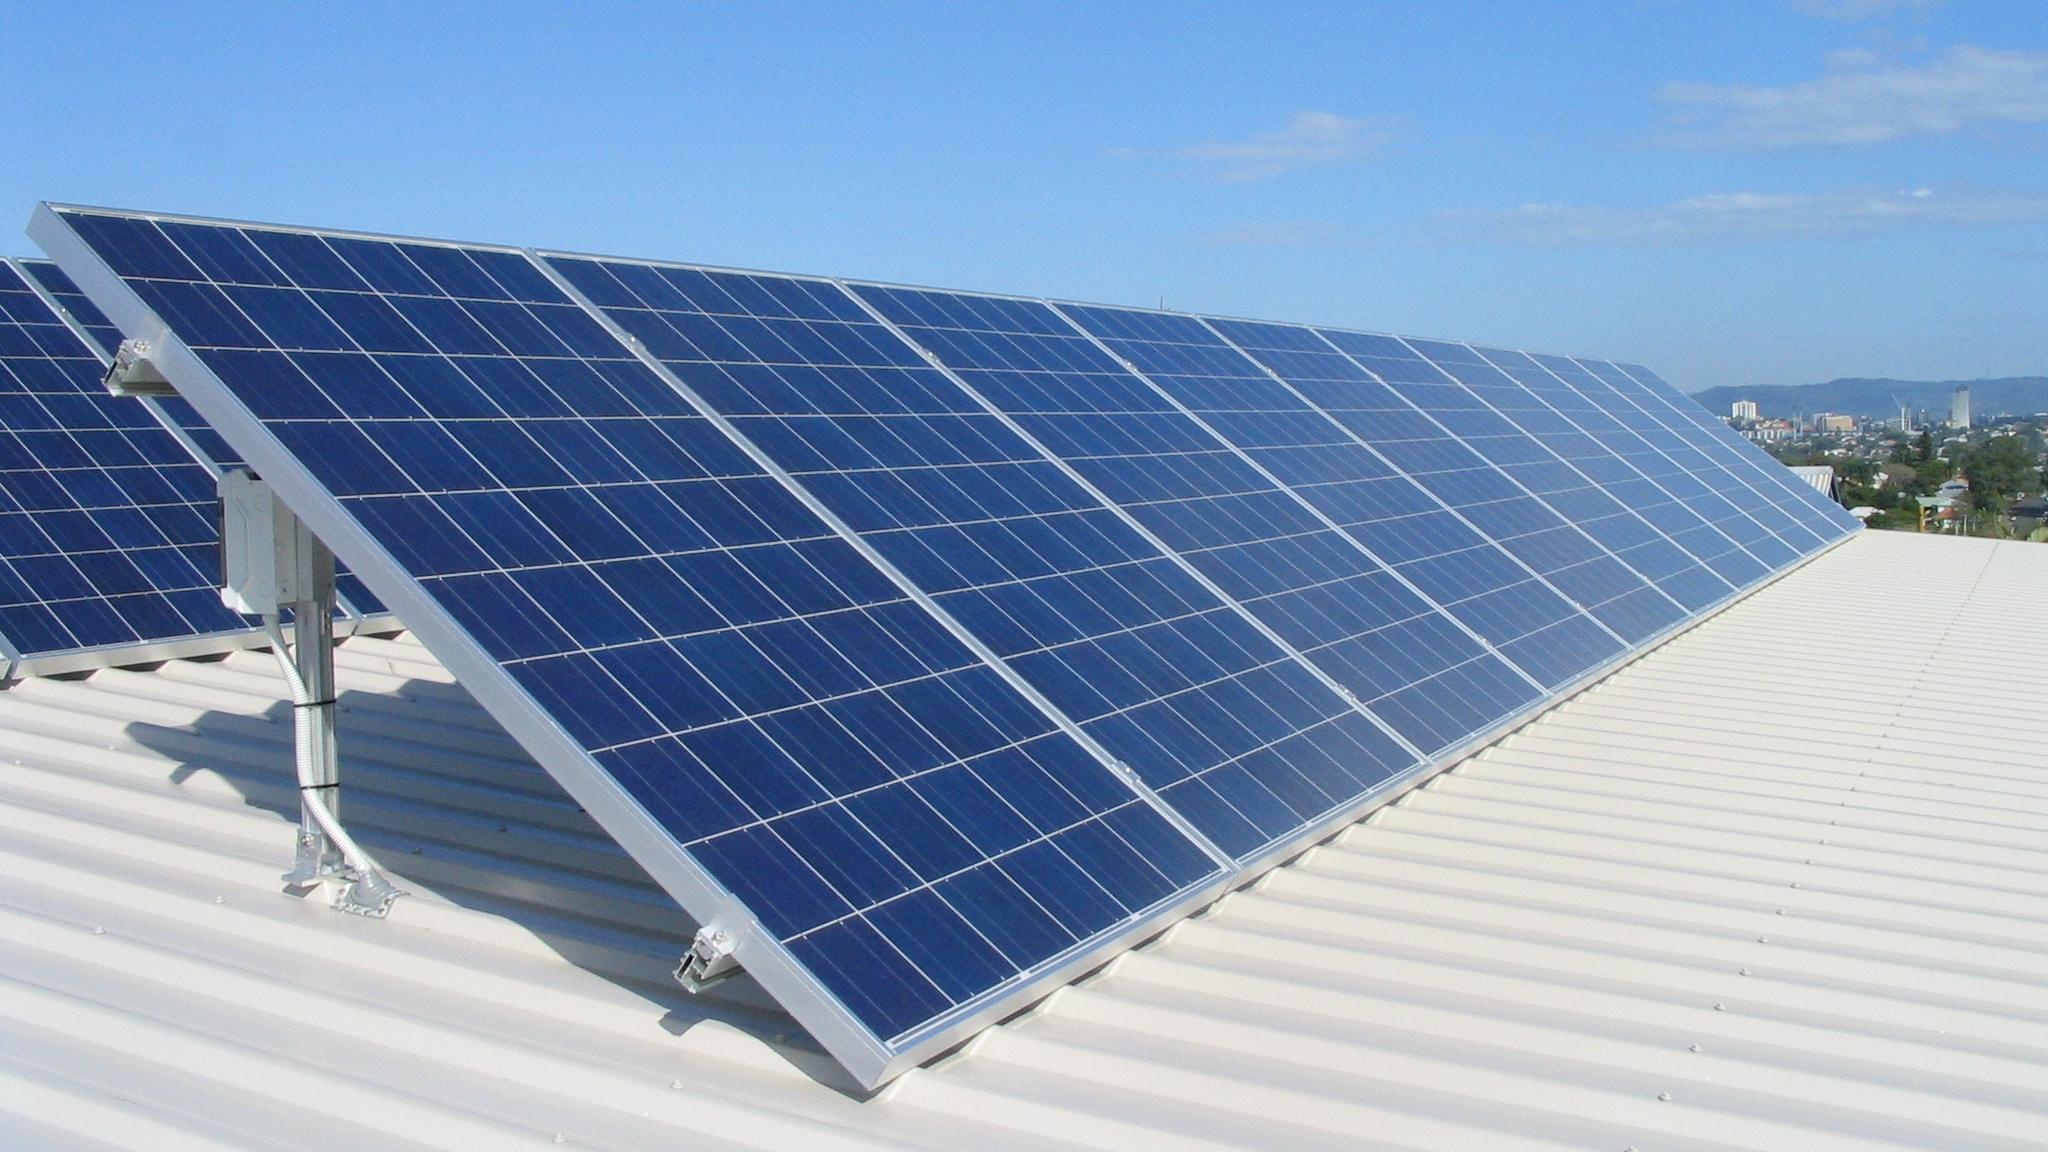 Îți trebuie autorizație de construcție pentru panourile solare? Măsura luată recent de autorități